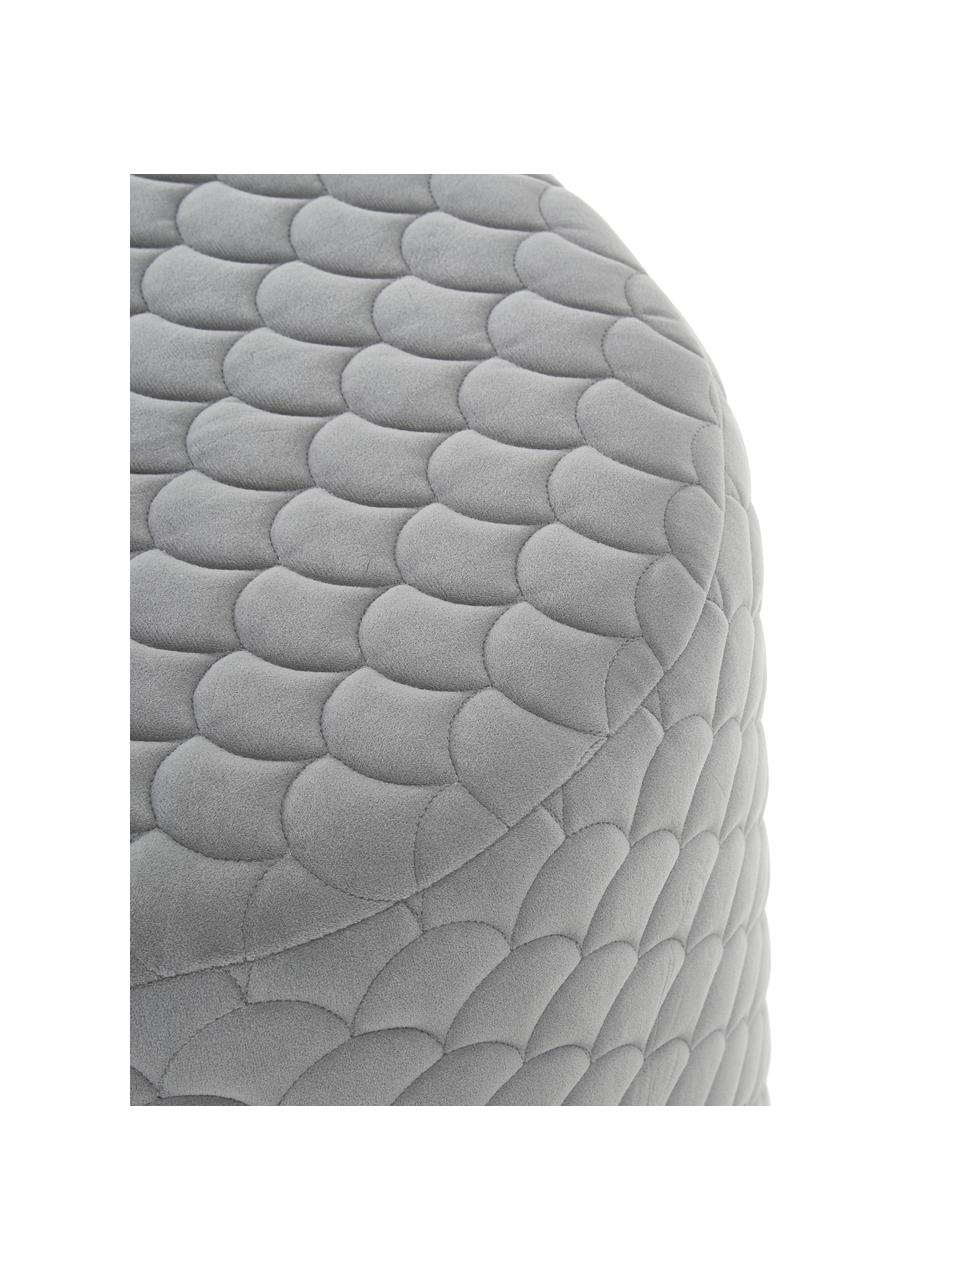 Fluwelen poef Daisy in grijs, Bekleding: fluweel (polyester) 84.00, Frame: multiplex, Fluweel grijs, Ø 38 x H 45 cm